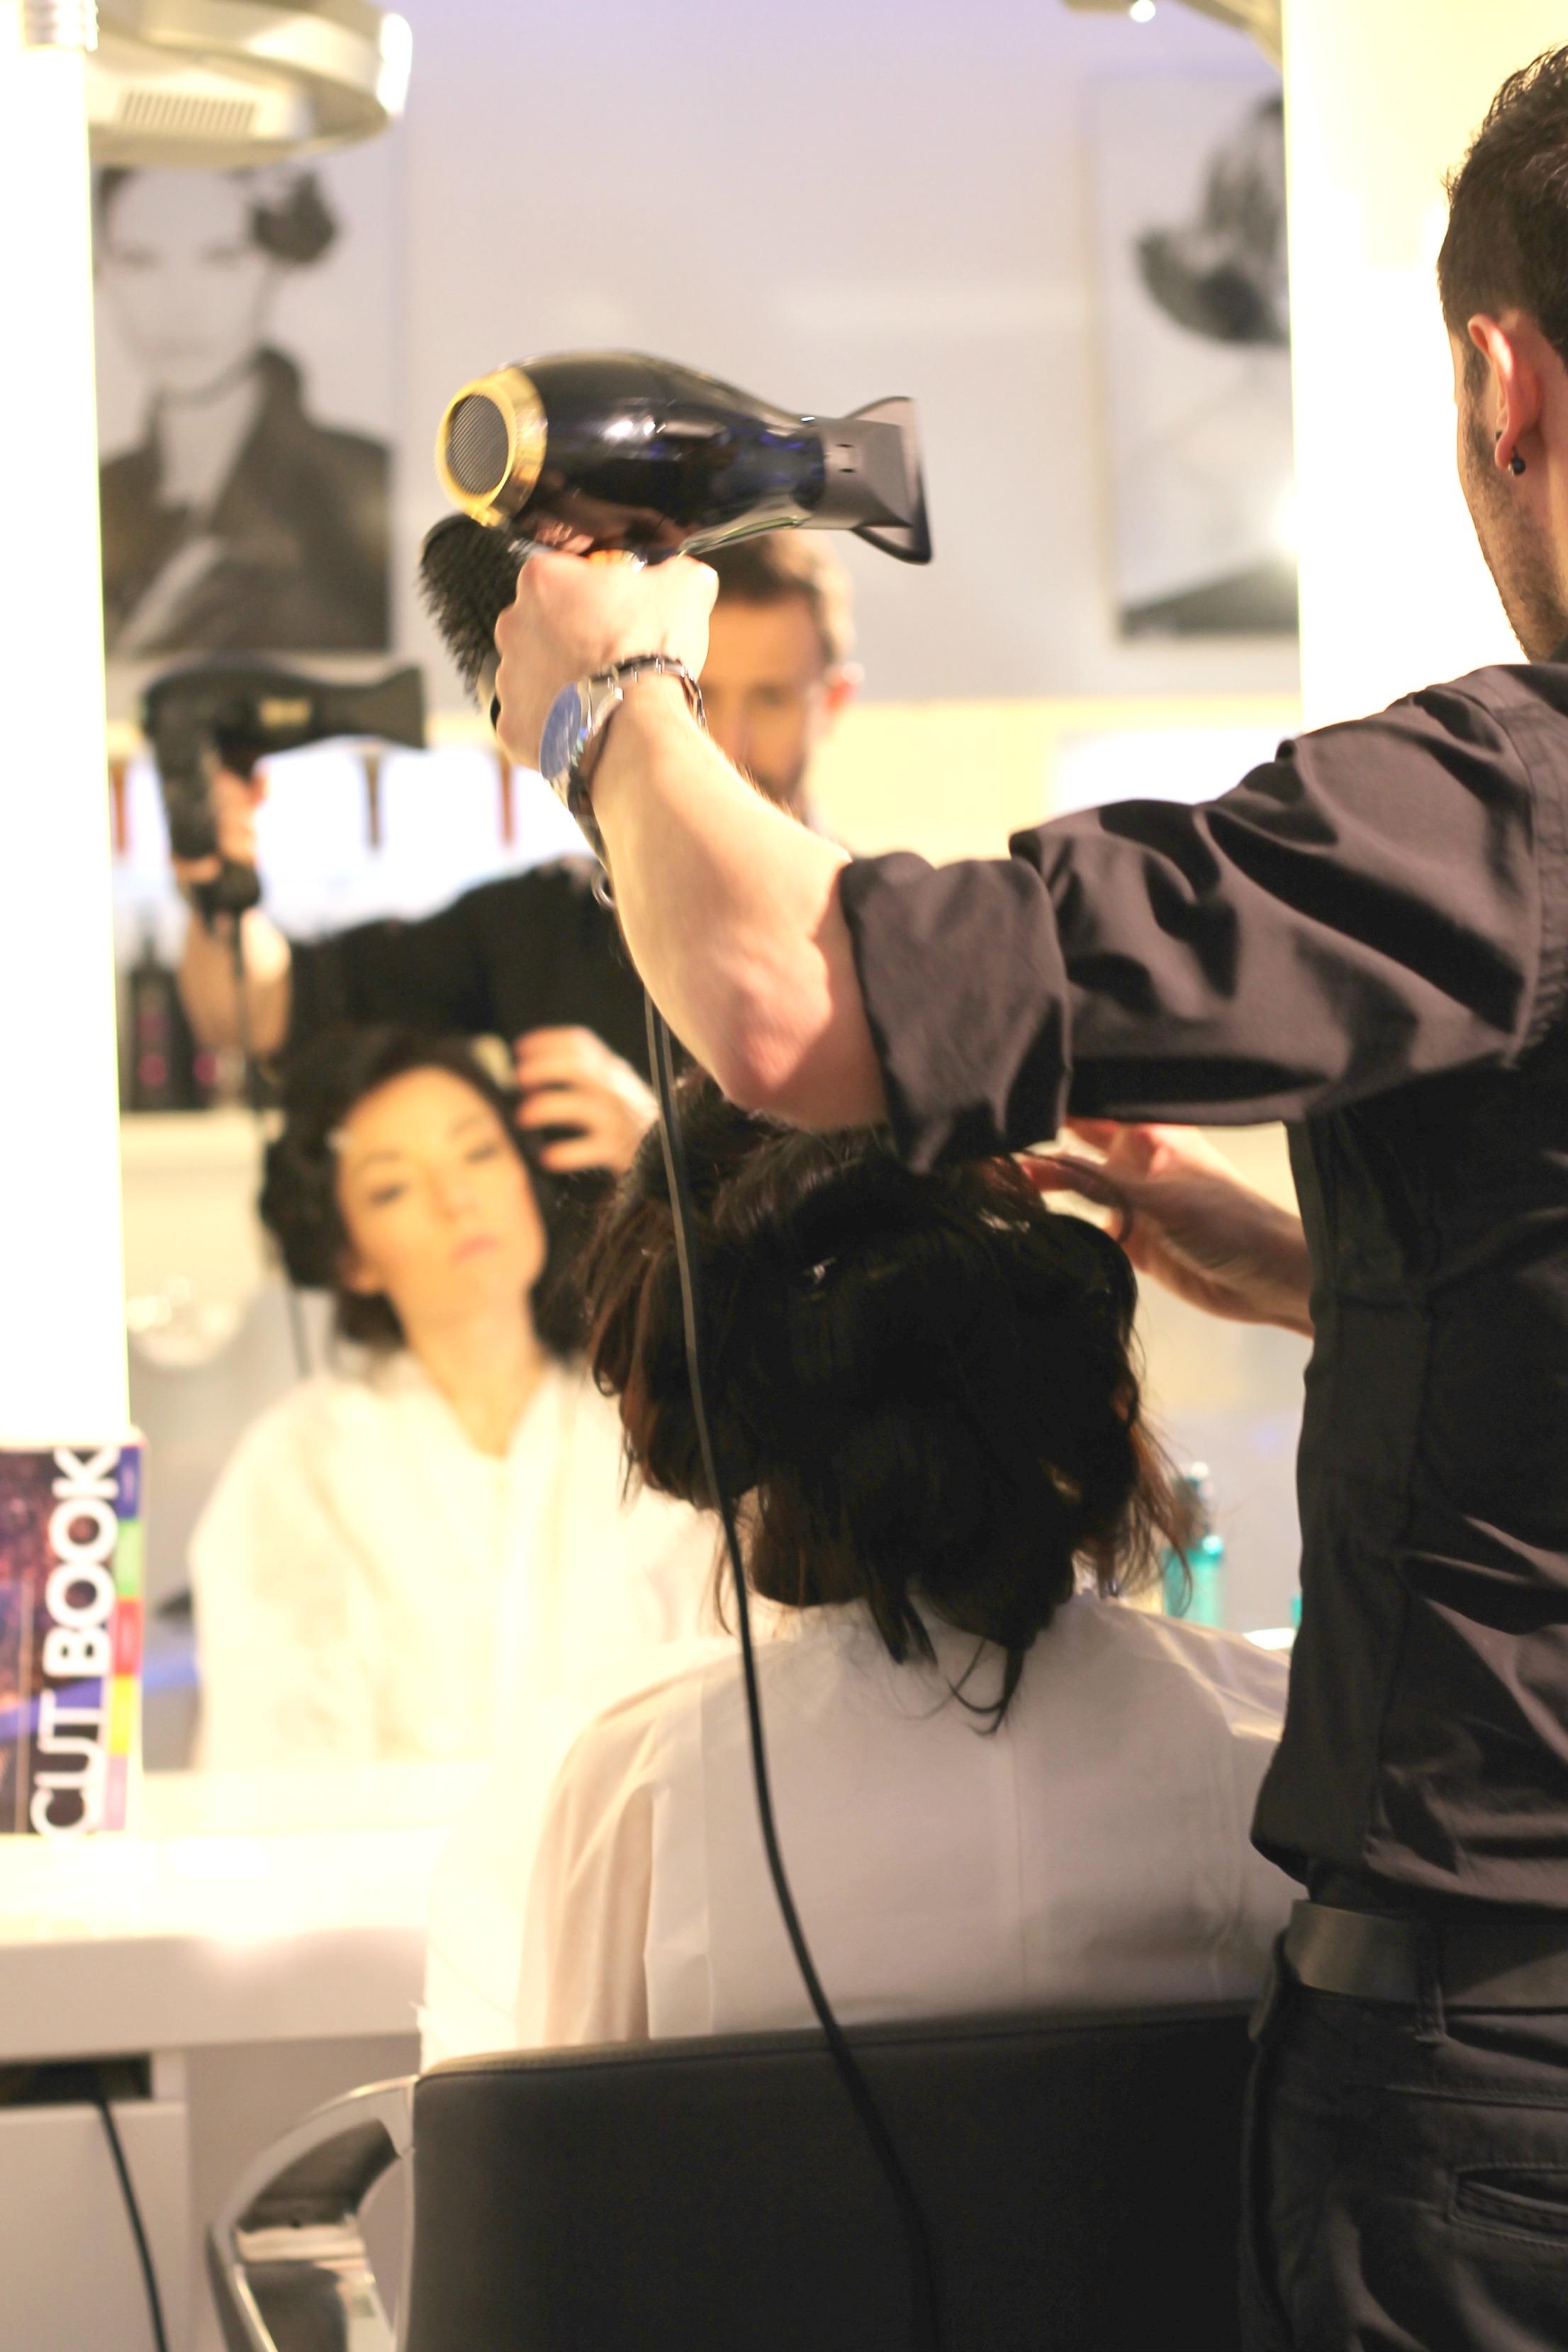 trattamenti cheratina capelli, theladycracy.it, come avere capelli lisci e morbidi, elisa bellino, color therapy jean louis david, theladycracy.it, fashion blogger, fashion blog, fashion blogger famose, fashion blogger 2016, fashion influencer 2016, fashion blogger milano 2016, vanity fair video